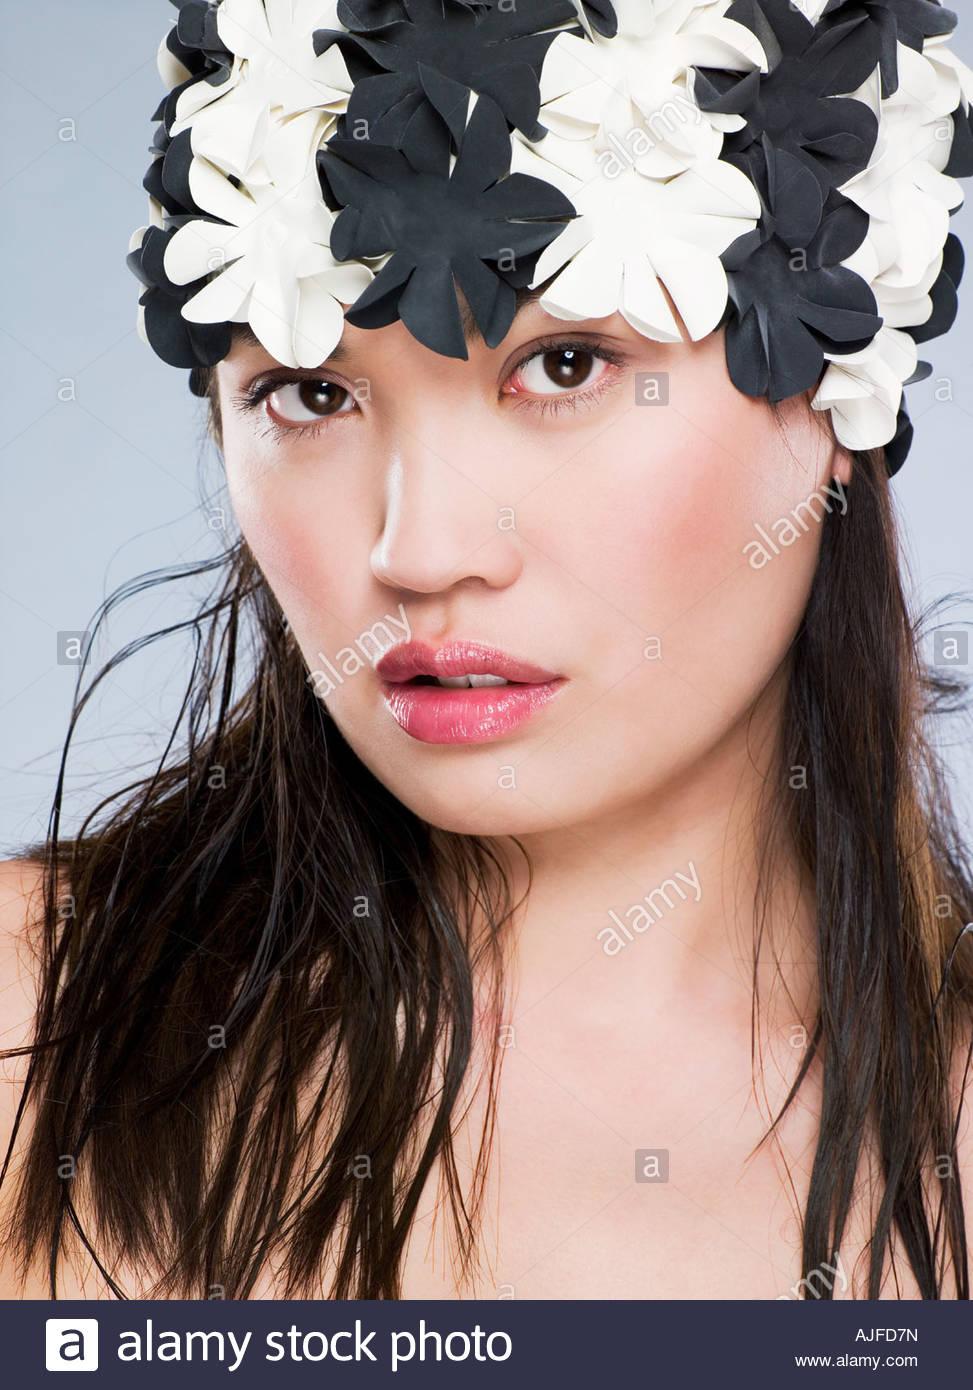 Chino mujer vistiendo un sombrero floral Imagen De Stock